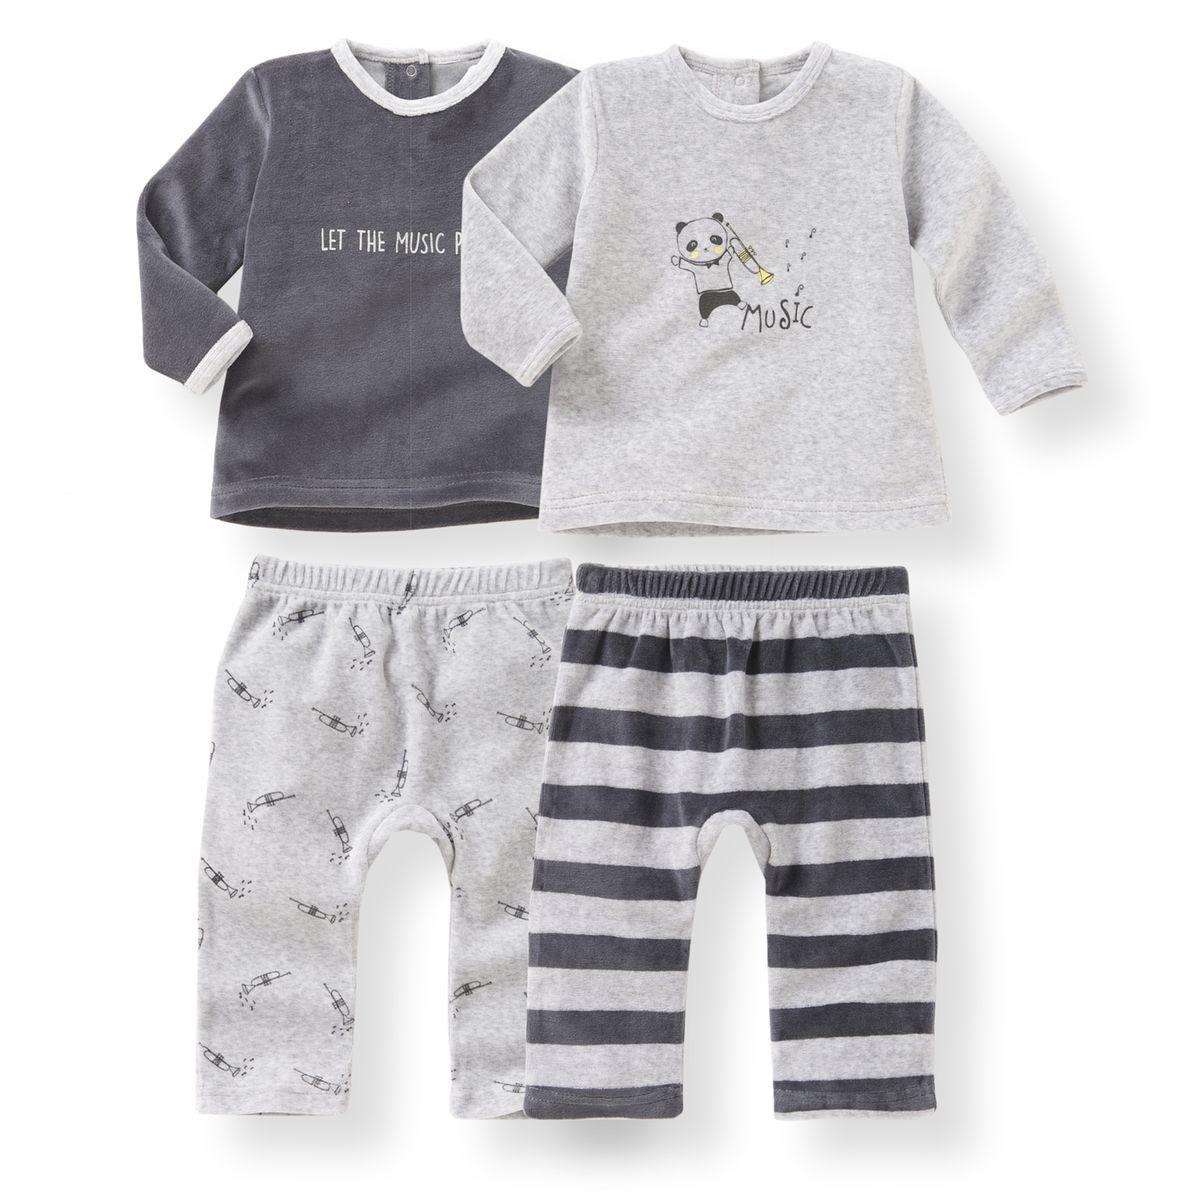 Pyjama 2 pièces velours 0 mois-3 ans (lot de 2)